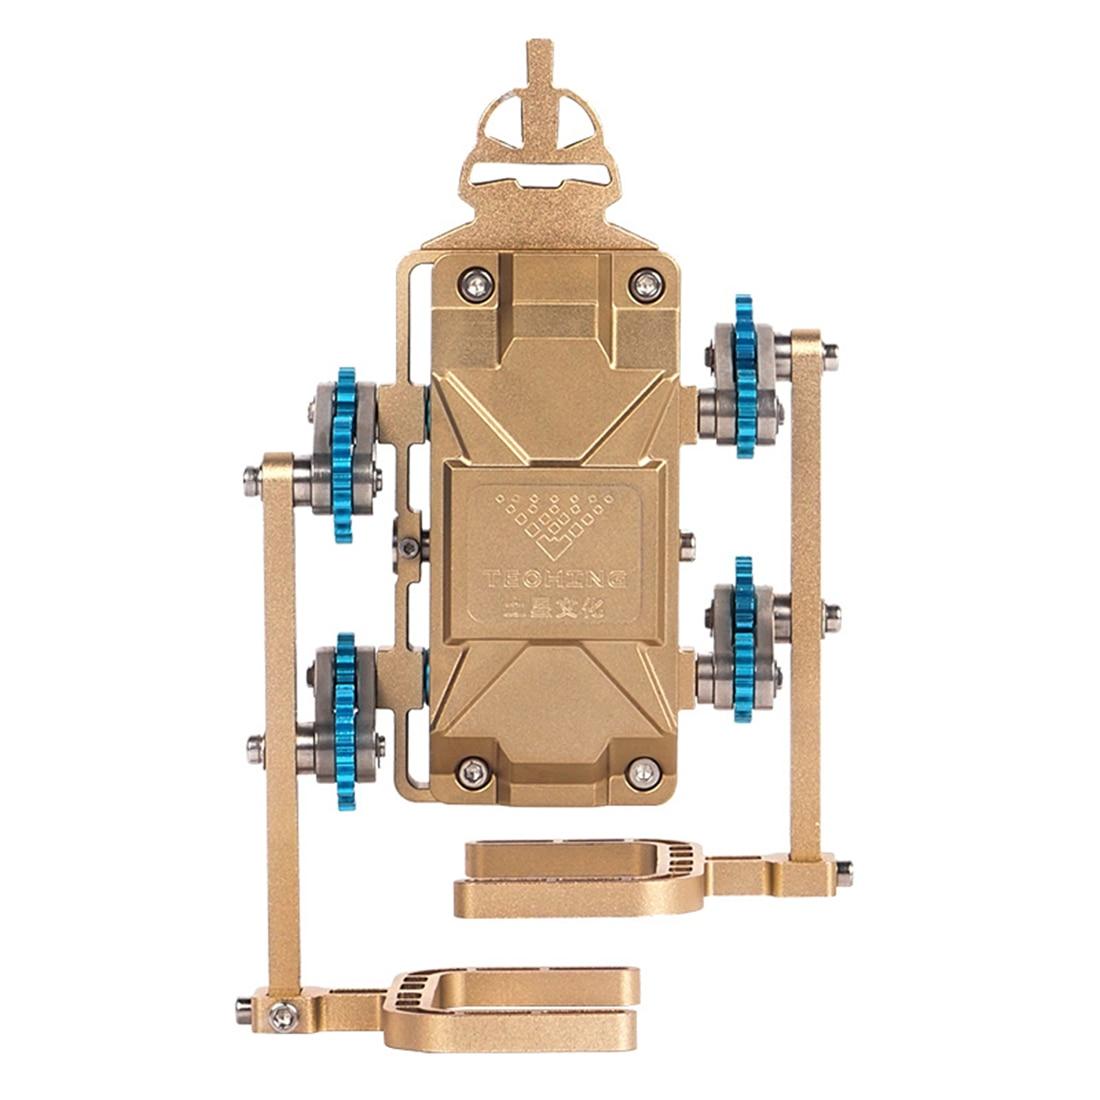 Цельнометаллический пешеходный робот Собранный модель строительные наборы игрушки для взрослых